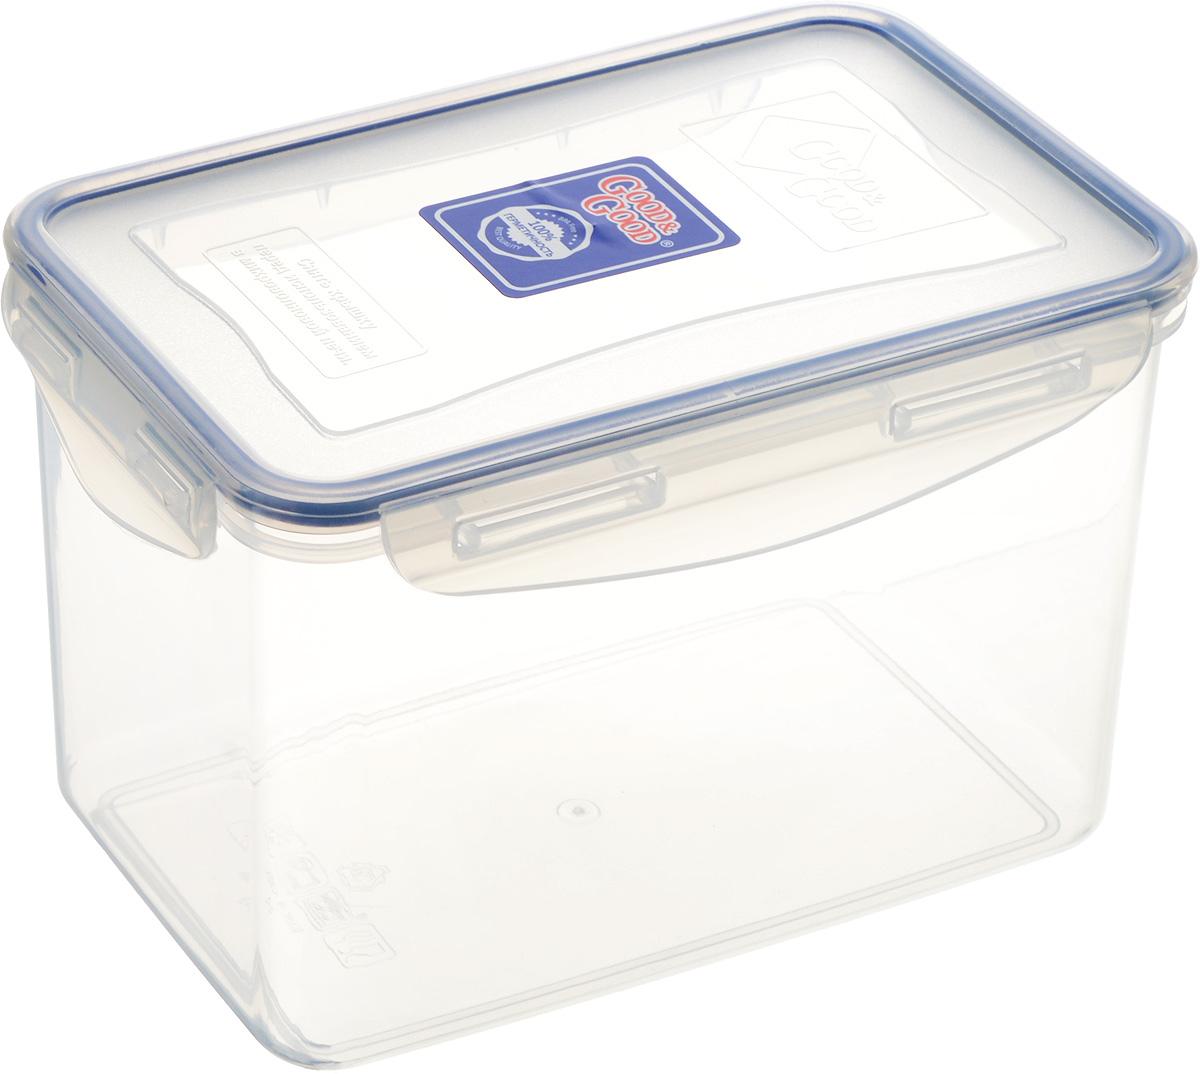 Контейнер пищевой Good&Good, цвет: прозрачный, темно-синий, 2,2 лVT-1520(SR)Прямоугольный контейнер Good&Good изготовлен из высококачественного полипропилена и предназначен для хранения любых пищевых продуктов. Благодаря особым технологиям изготовления, лотки в течение времени службы не меняют цвет и не пропитываются запахами. Крышка с силиконовой вставкой герметично защелкивается специальным механизмом. Контейнер Good&Good удобен для ежедневного использования в быту.Можно мыть в посудомоечной машине и использовать в микроволновой печи.Размер контейнера (с учетом крышки): 20 х 13,5 х 13 см.